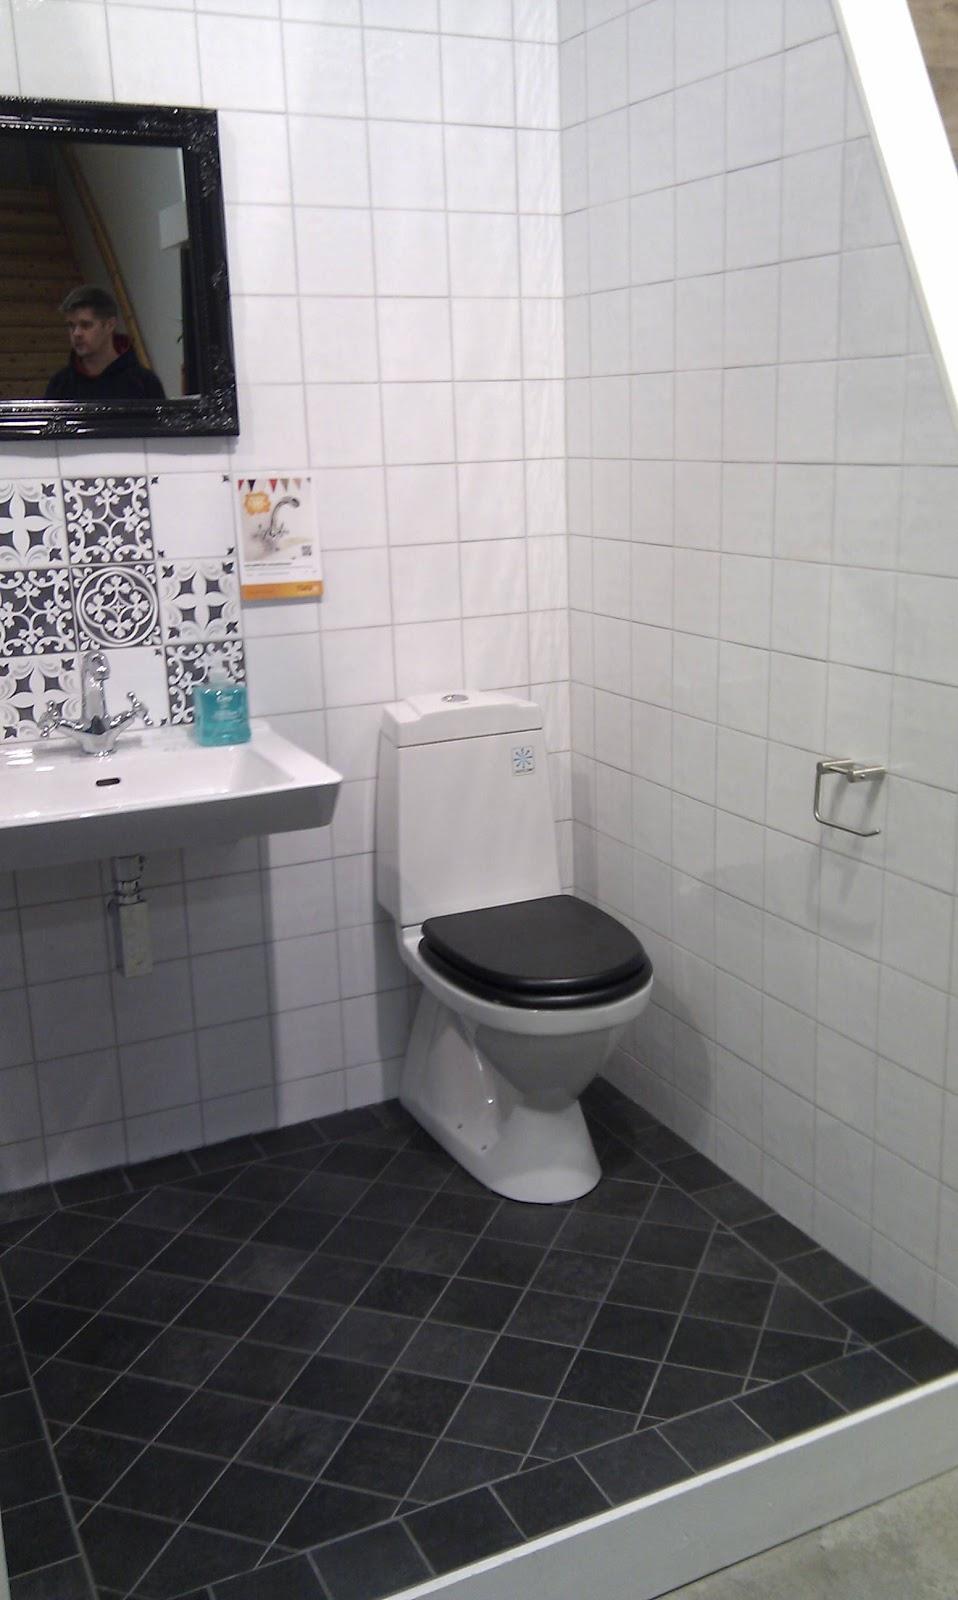 Erikslundsgatan: val av kakel o klinker till badrummet nere